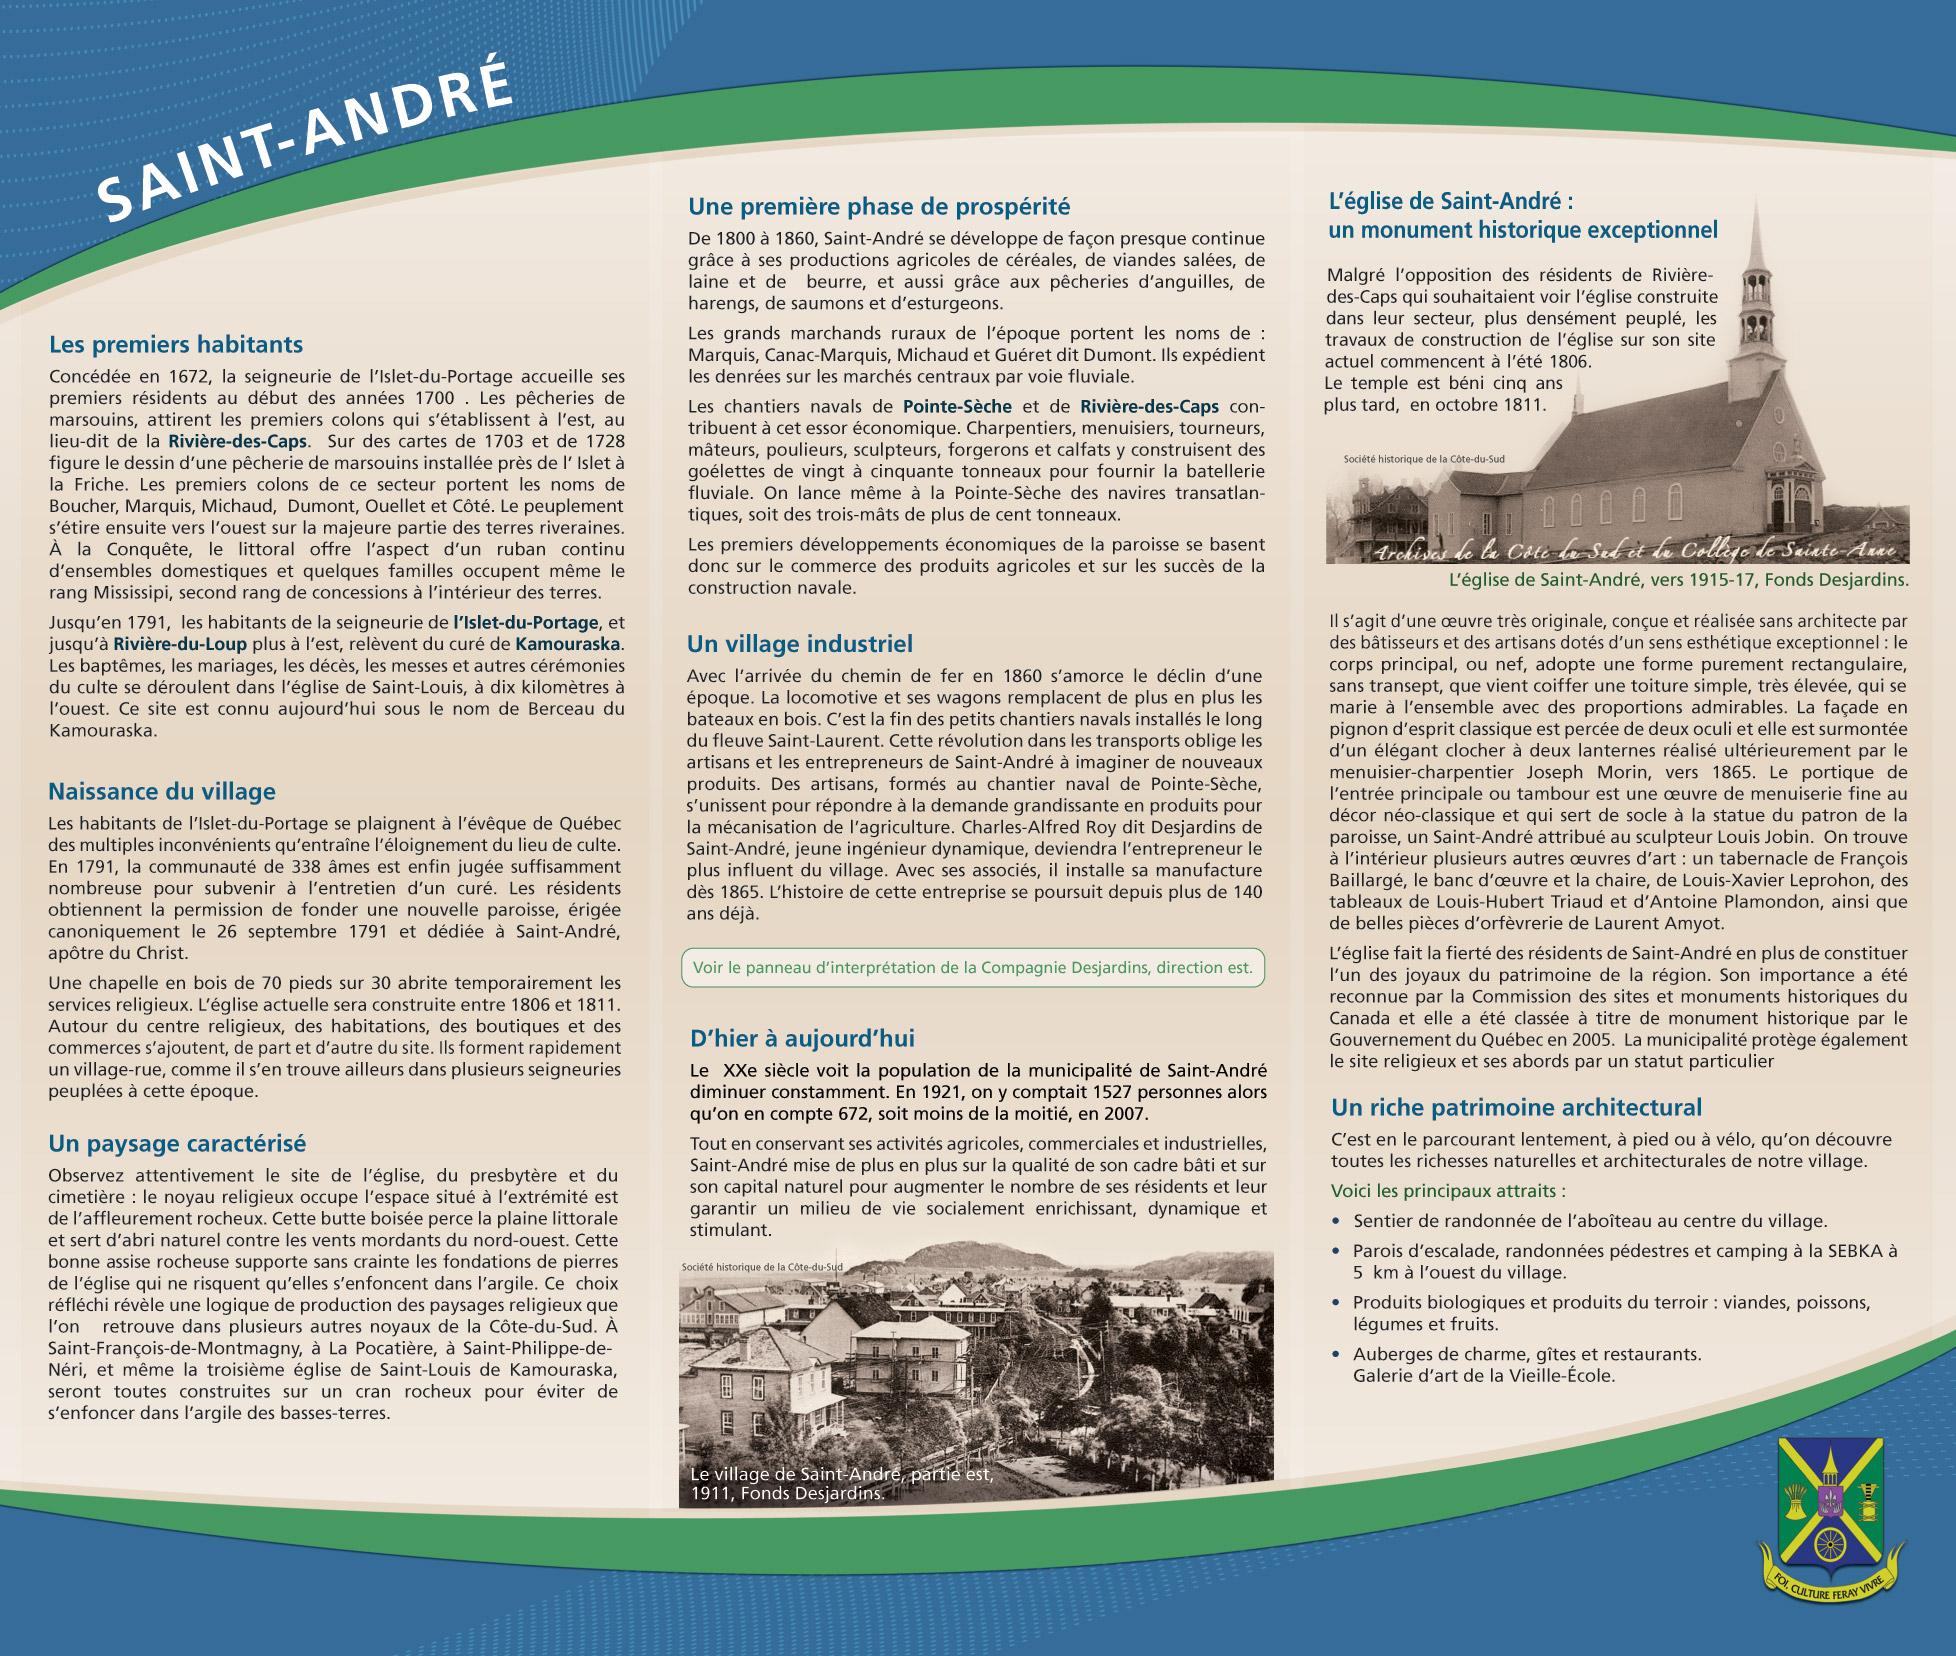 Histoire de Saint-André